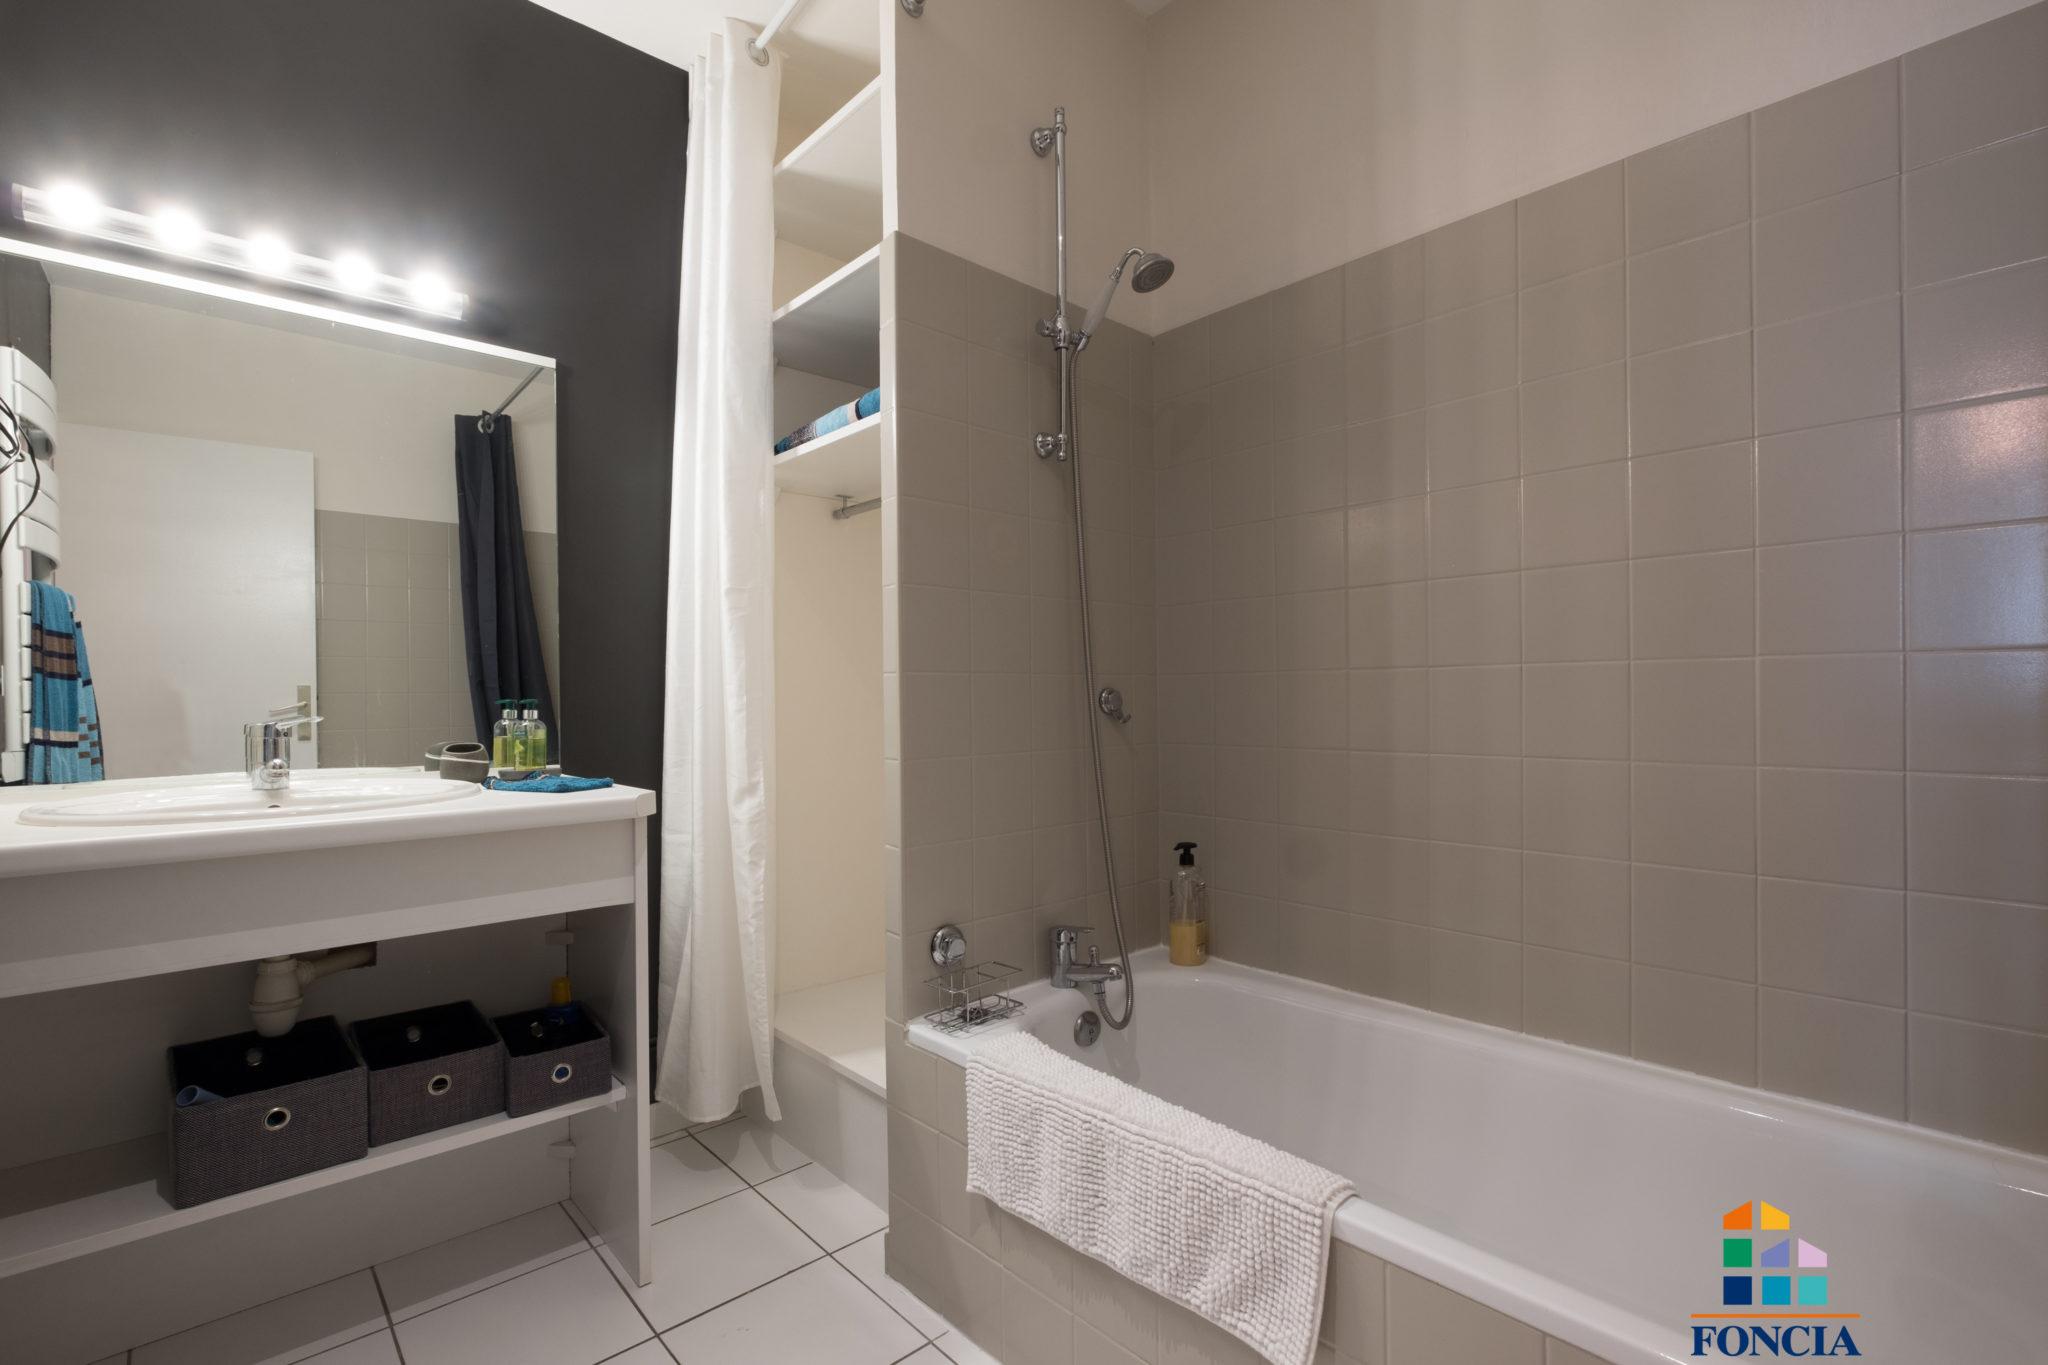 FONCIA IMMOBILIER N° 726921Adresse :26 RUE COURTEJAIRE - 1 er etage - 11000 CARCASSONNE Nombre de pièces : 4 Surface : 120 m²